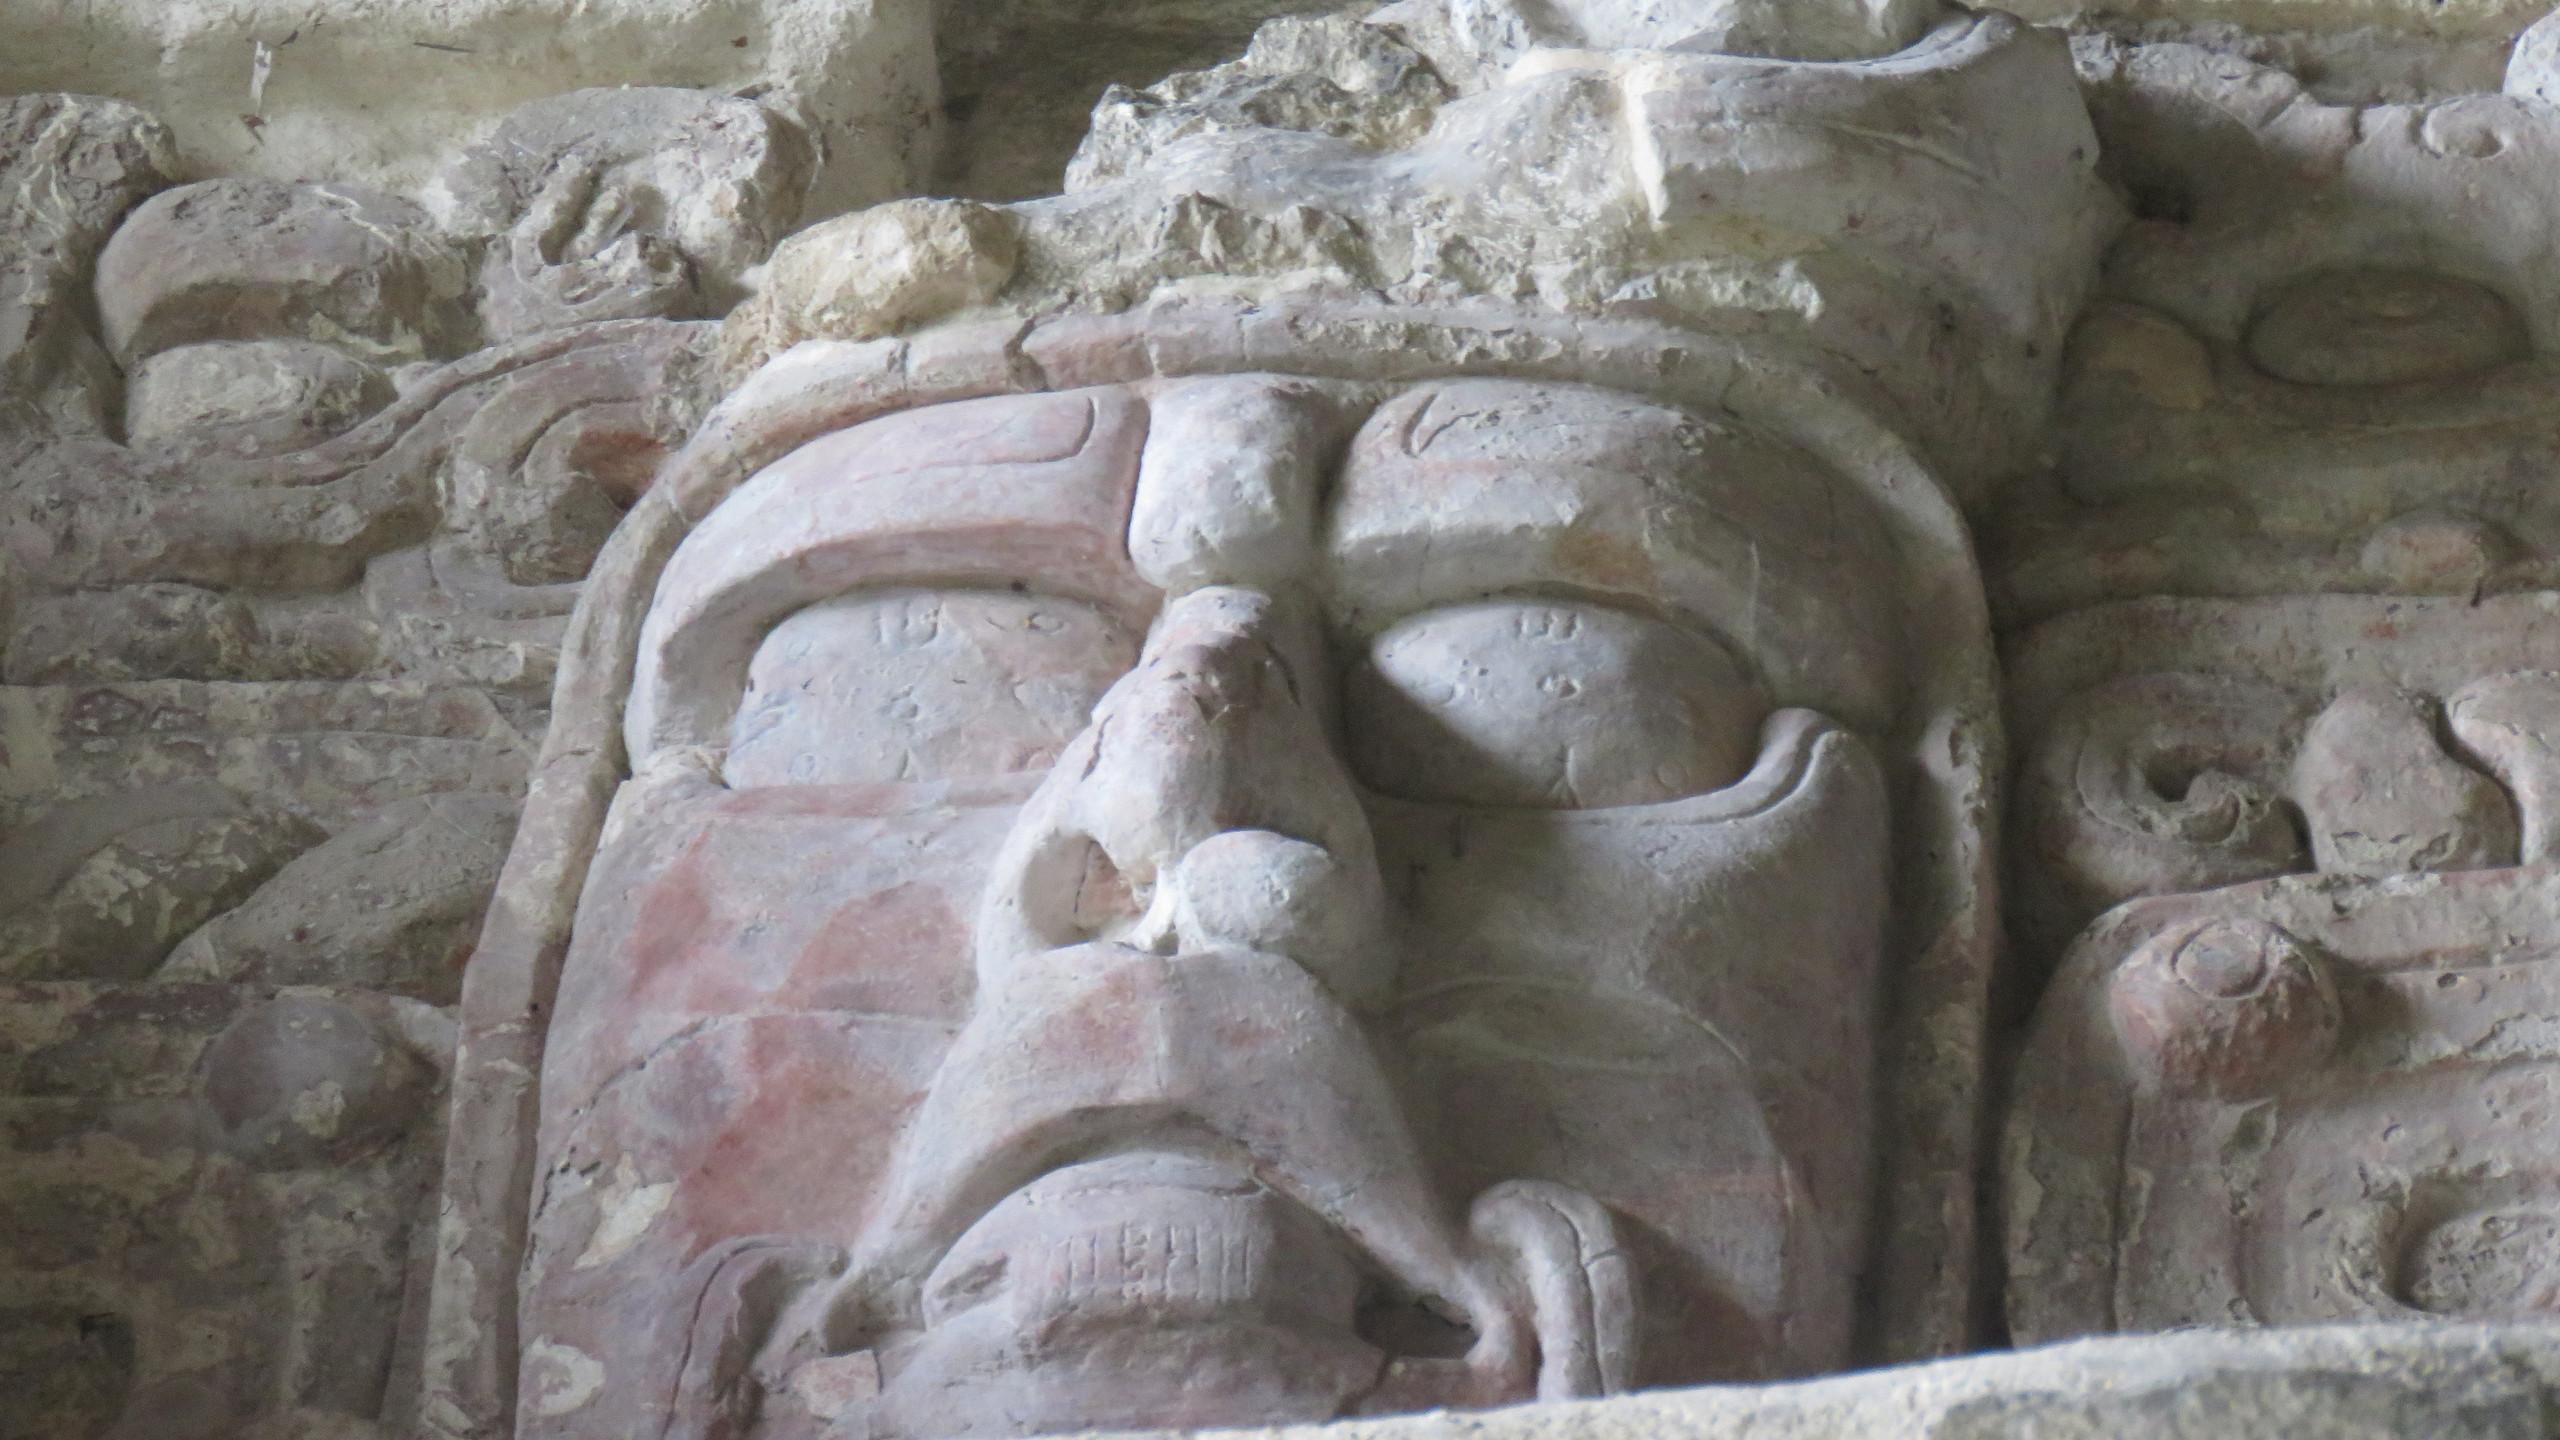 Maschera testa maya Chicanna Calakmul